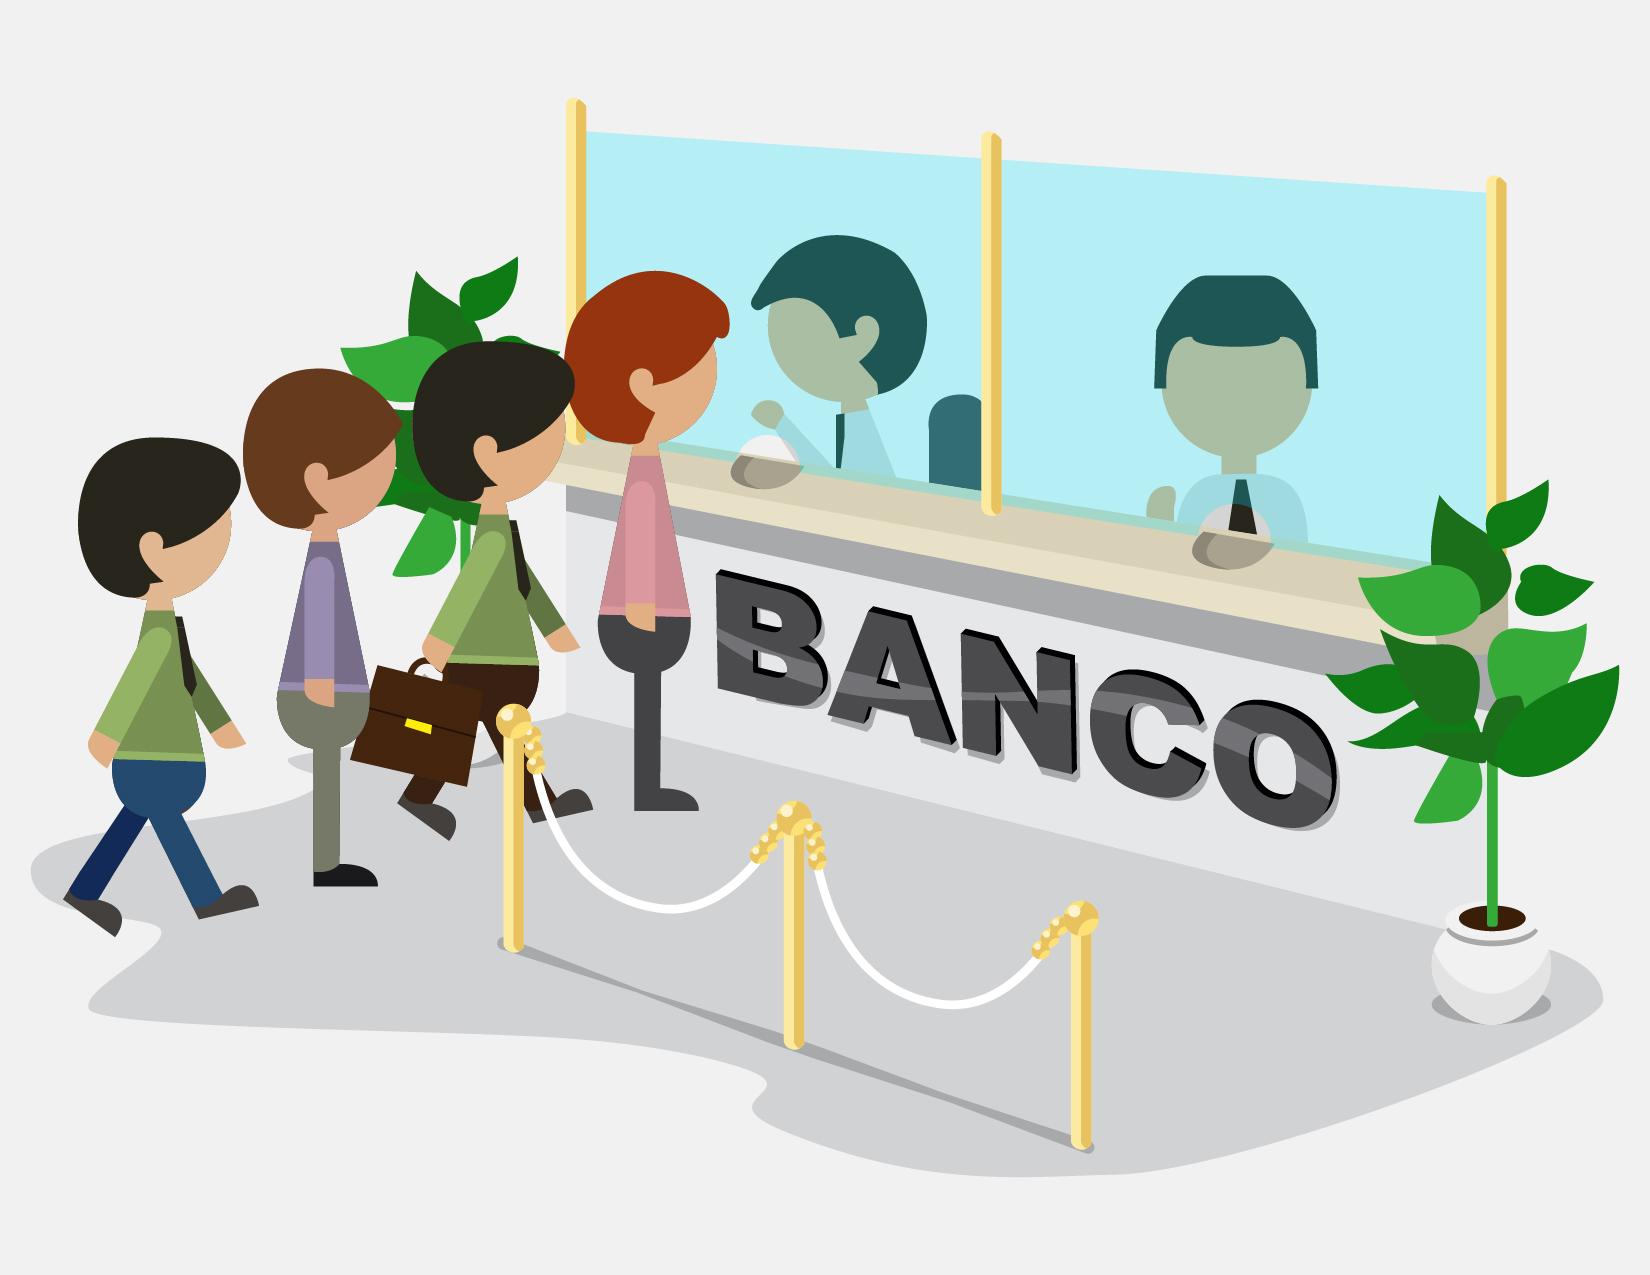 se obligará a bancarizarse las transacciones por importes iguales o mayores a S/ 3,500 o US $1,000.